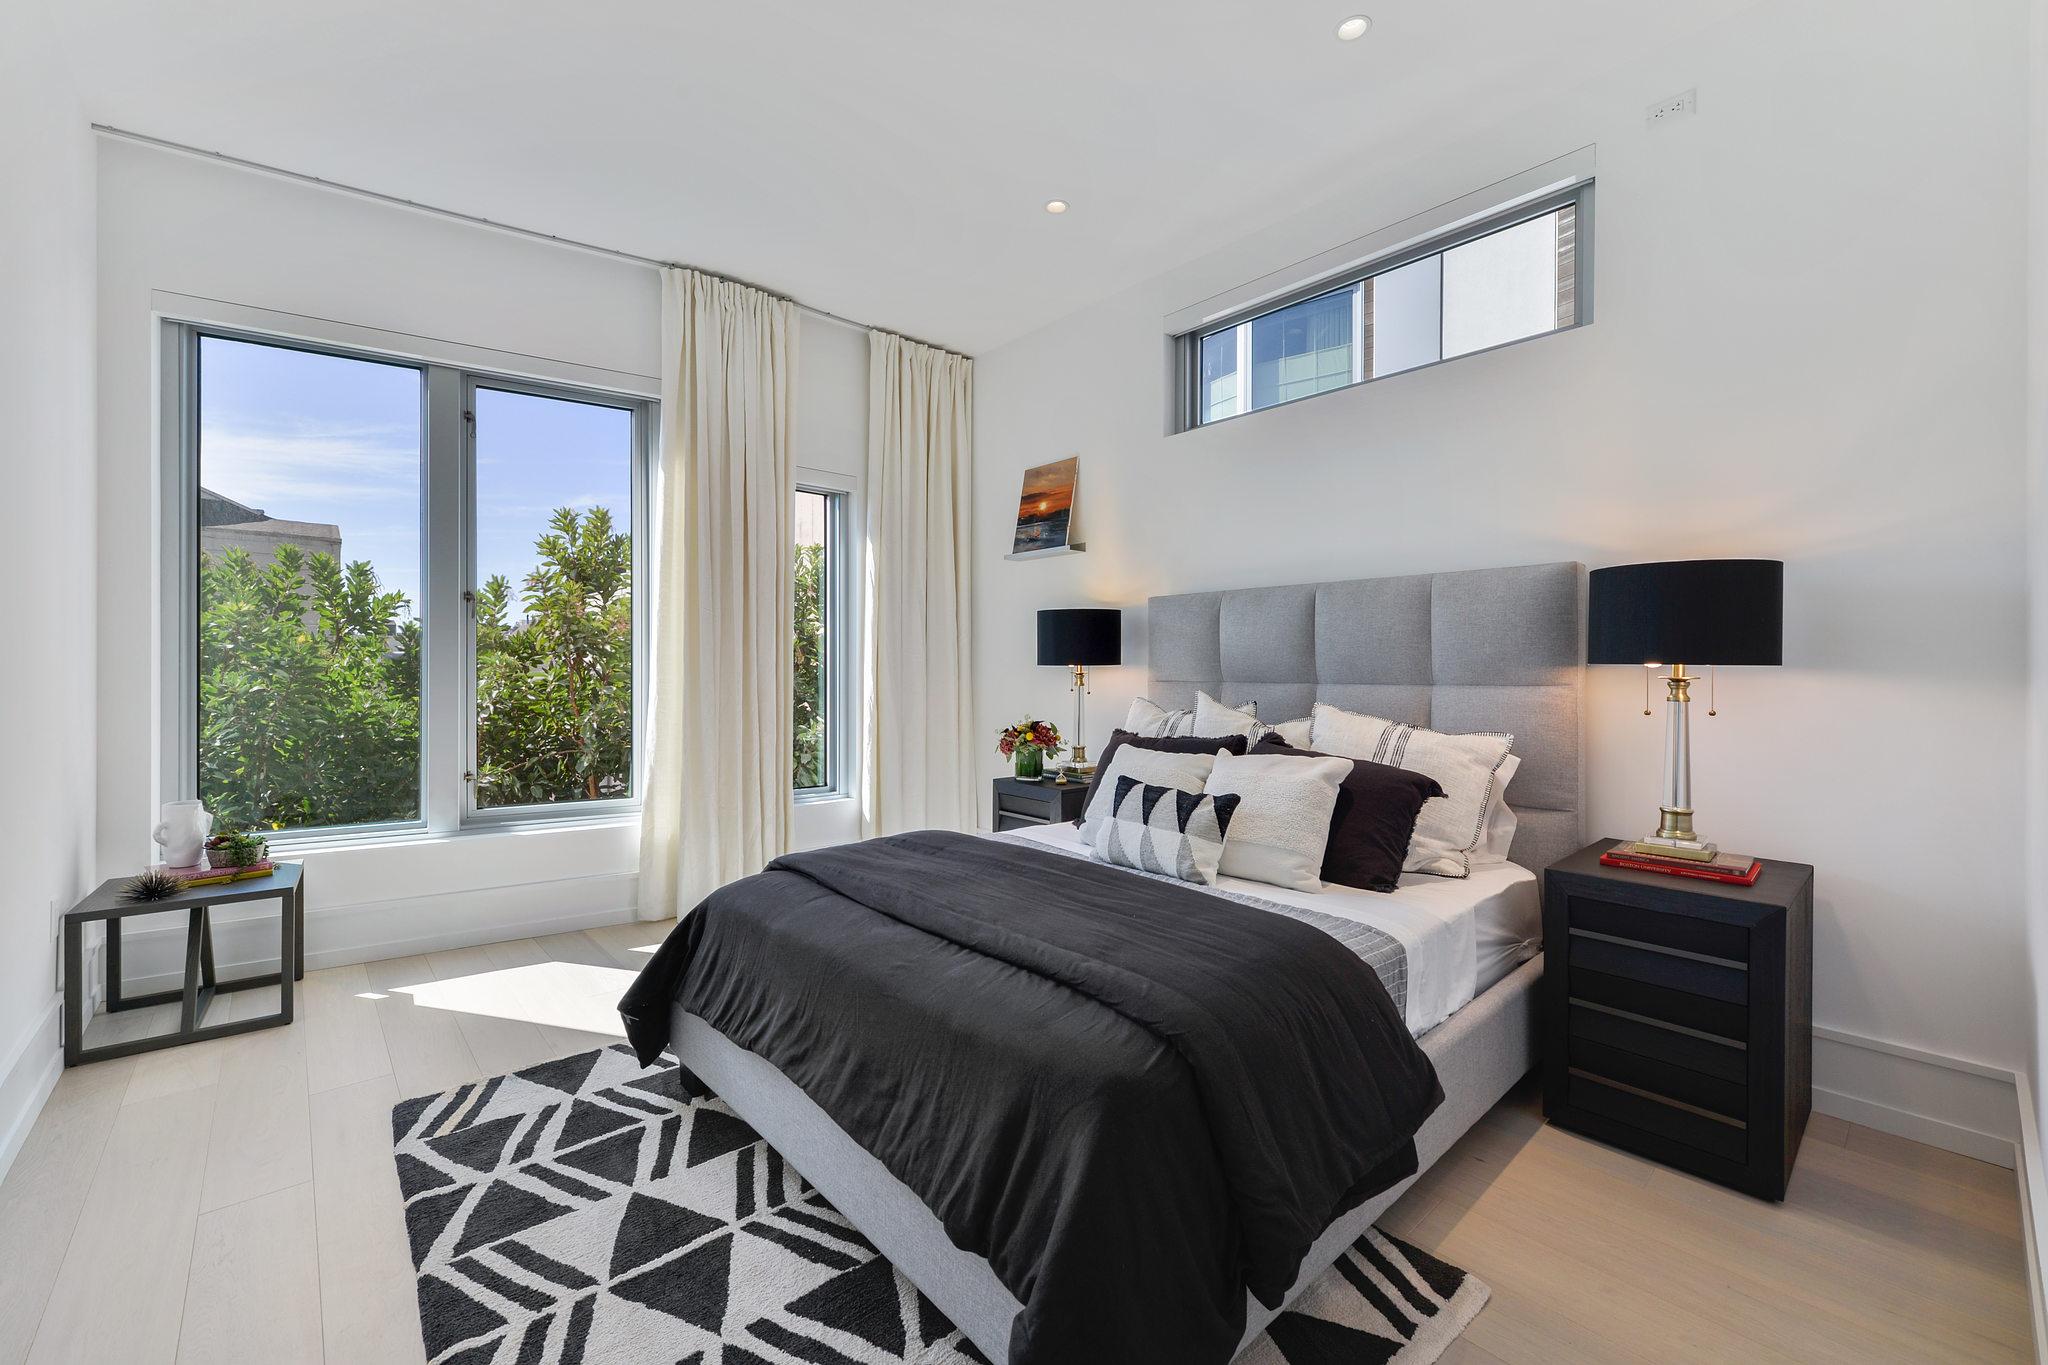 San Francisco - Bedroom